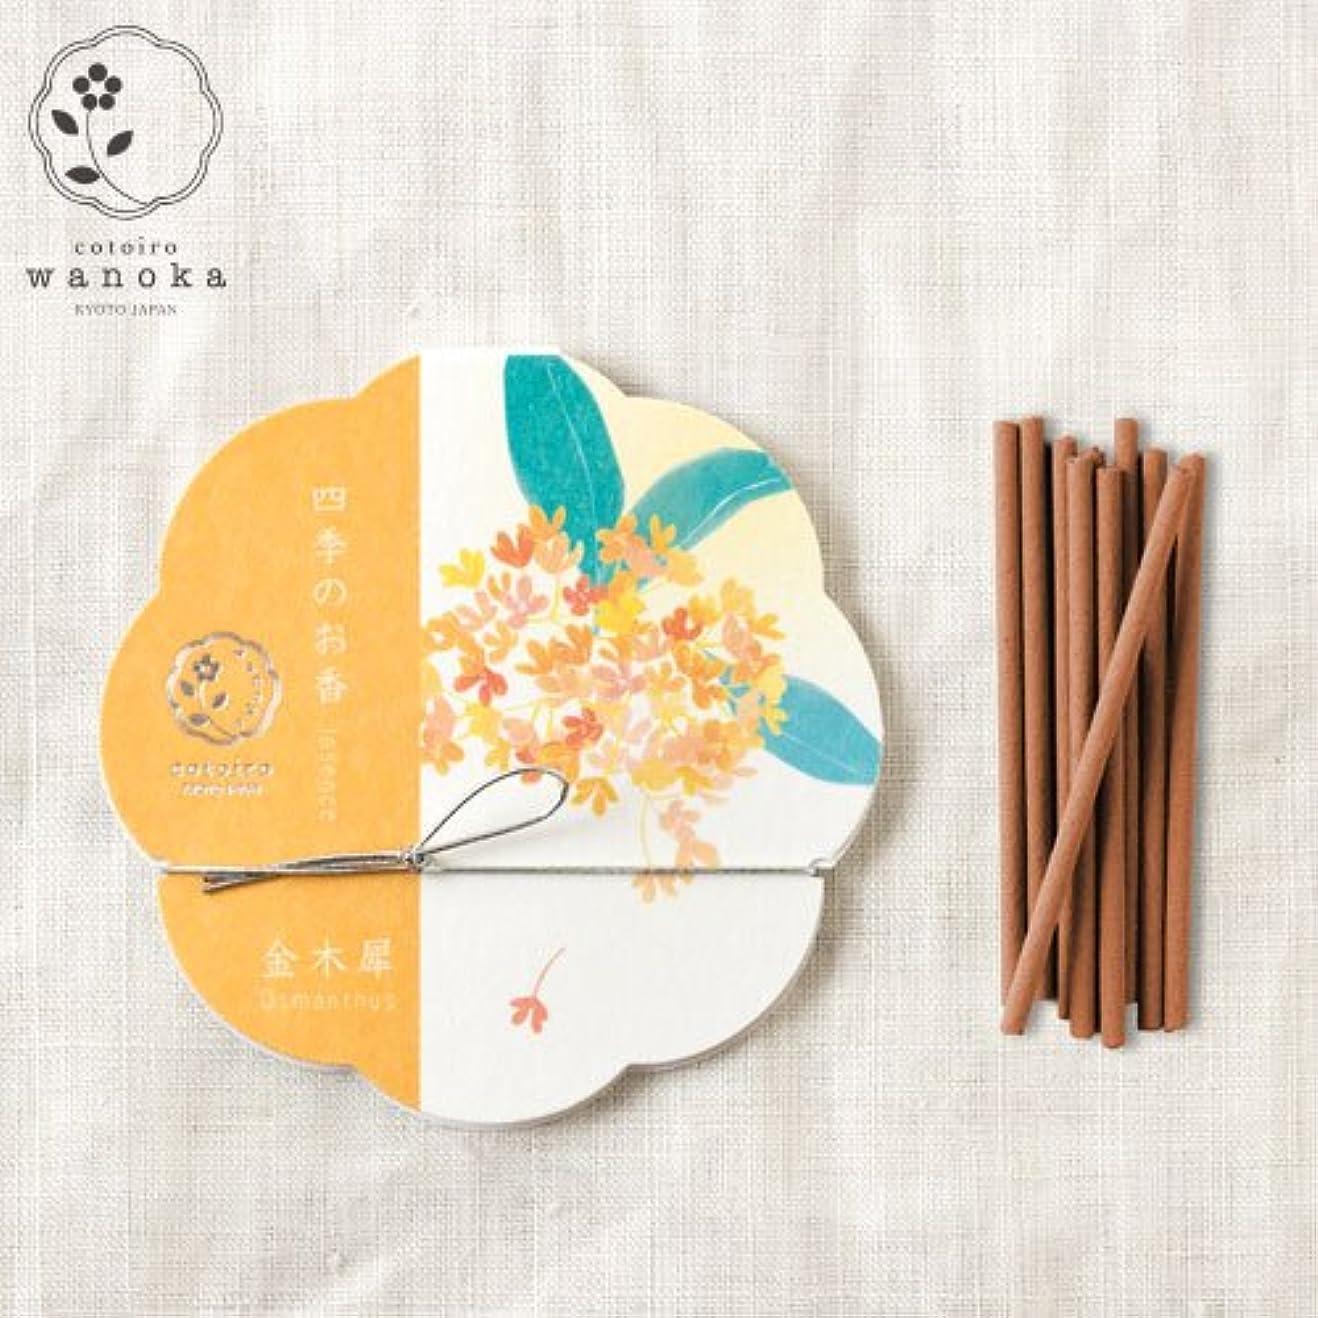 大型トラック航空ご覧くださいwanoka四季のお香(インセンス)金木犀《金木犀をイメージした果実のような甘い香り》ART LABIncense stick